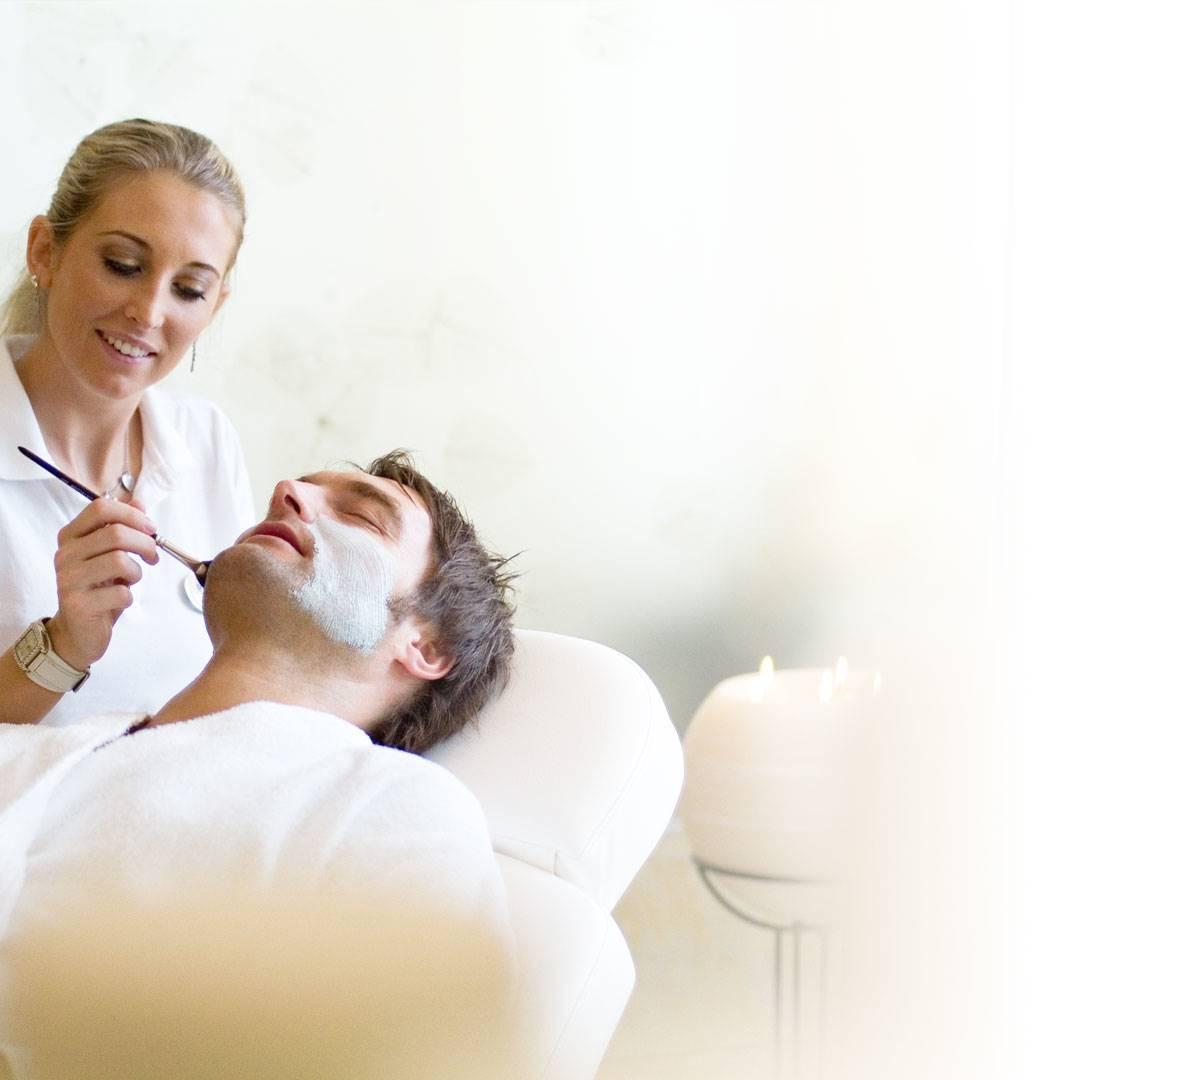 Mann bei Kosmetikbehandlung im Hotel